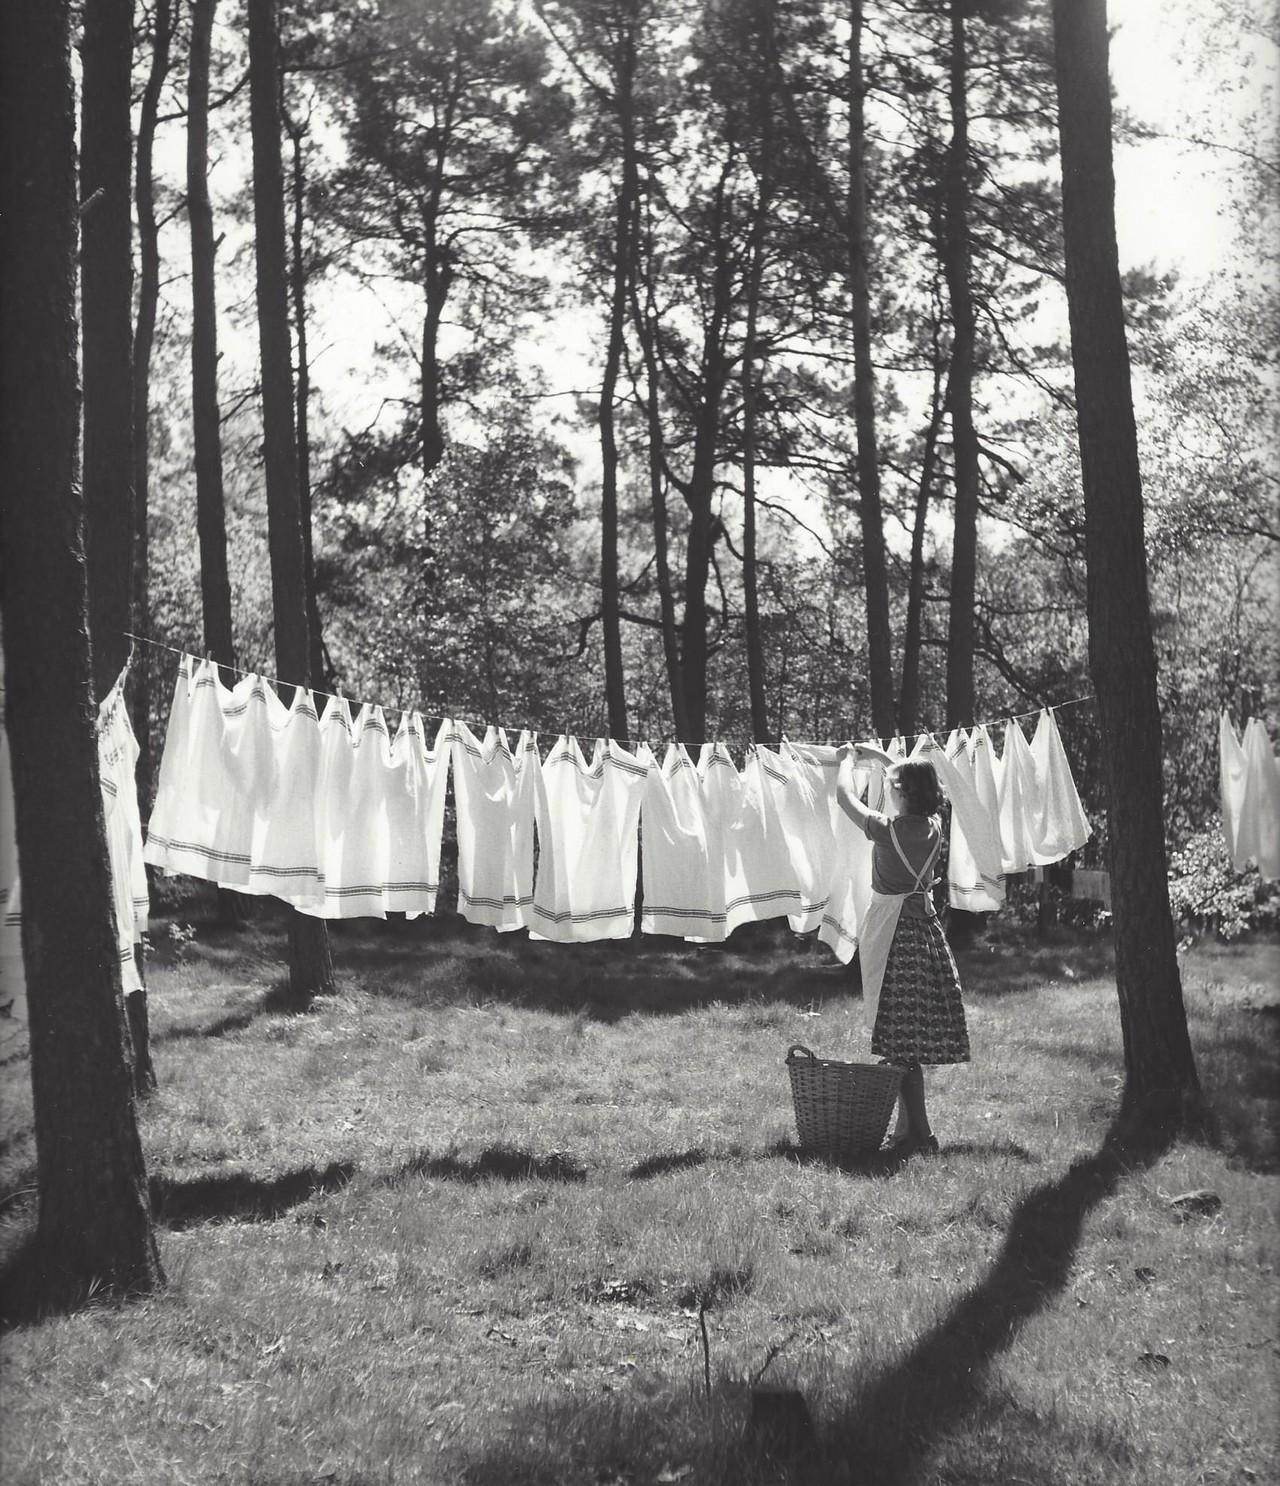 Стирка, Нидерланды, 1950-е. Фотограф Кис Шерер